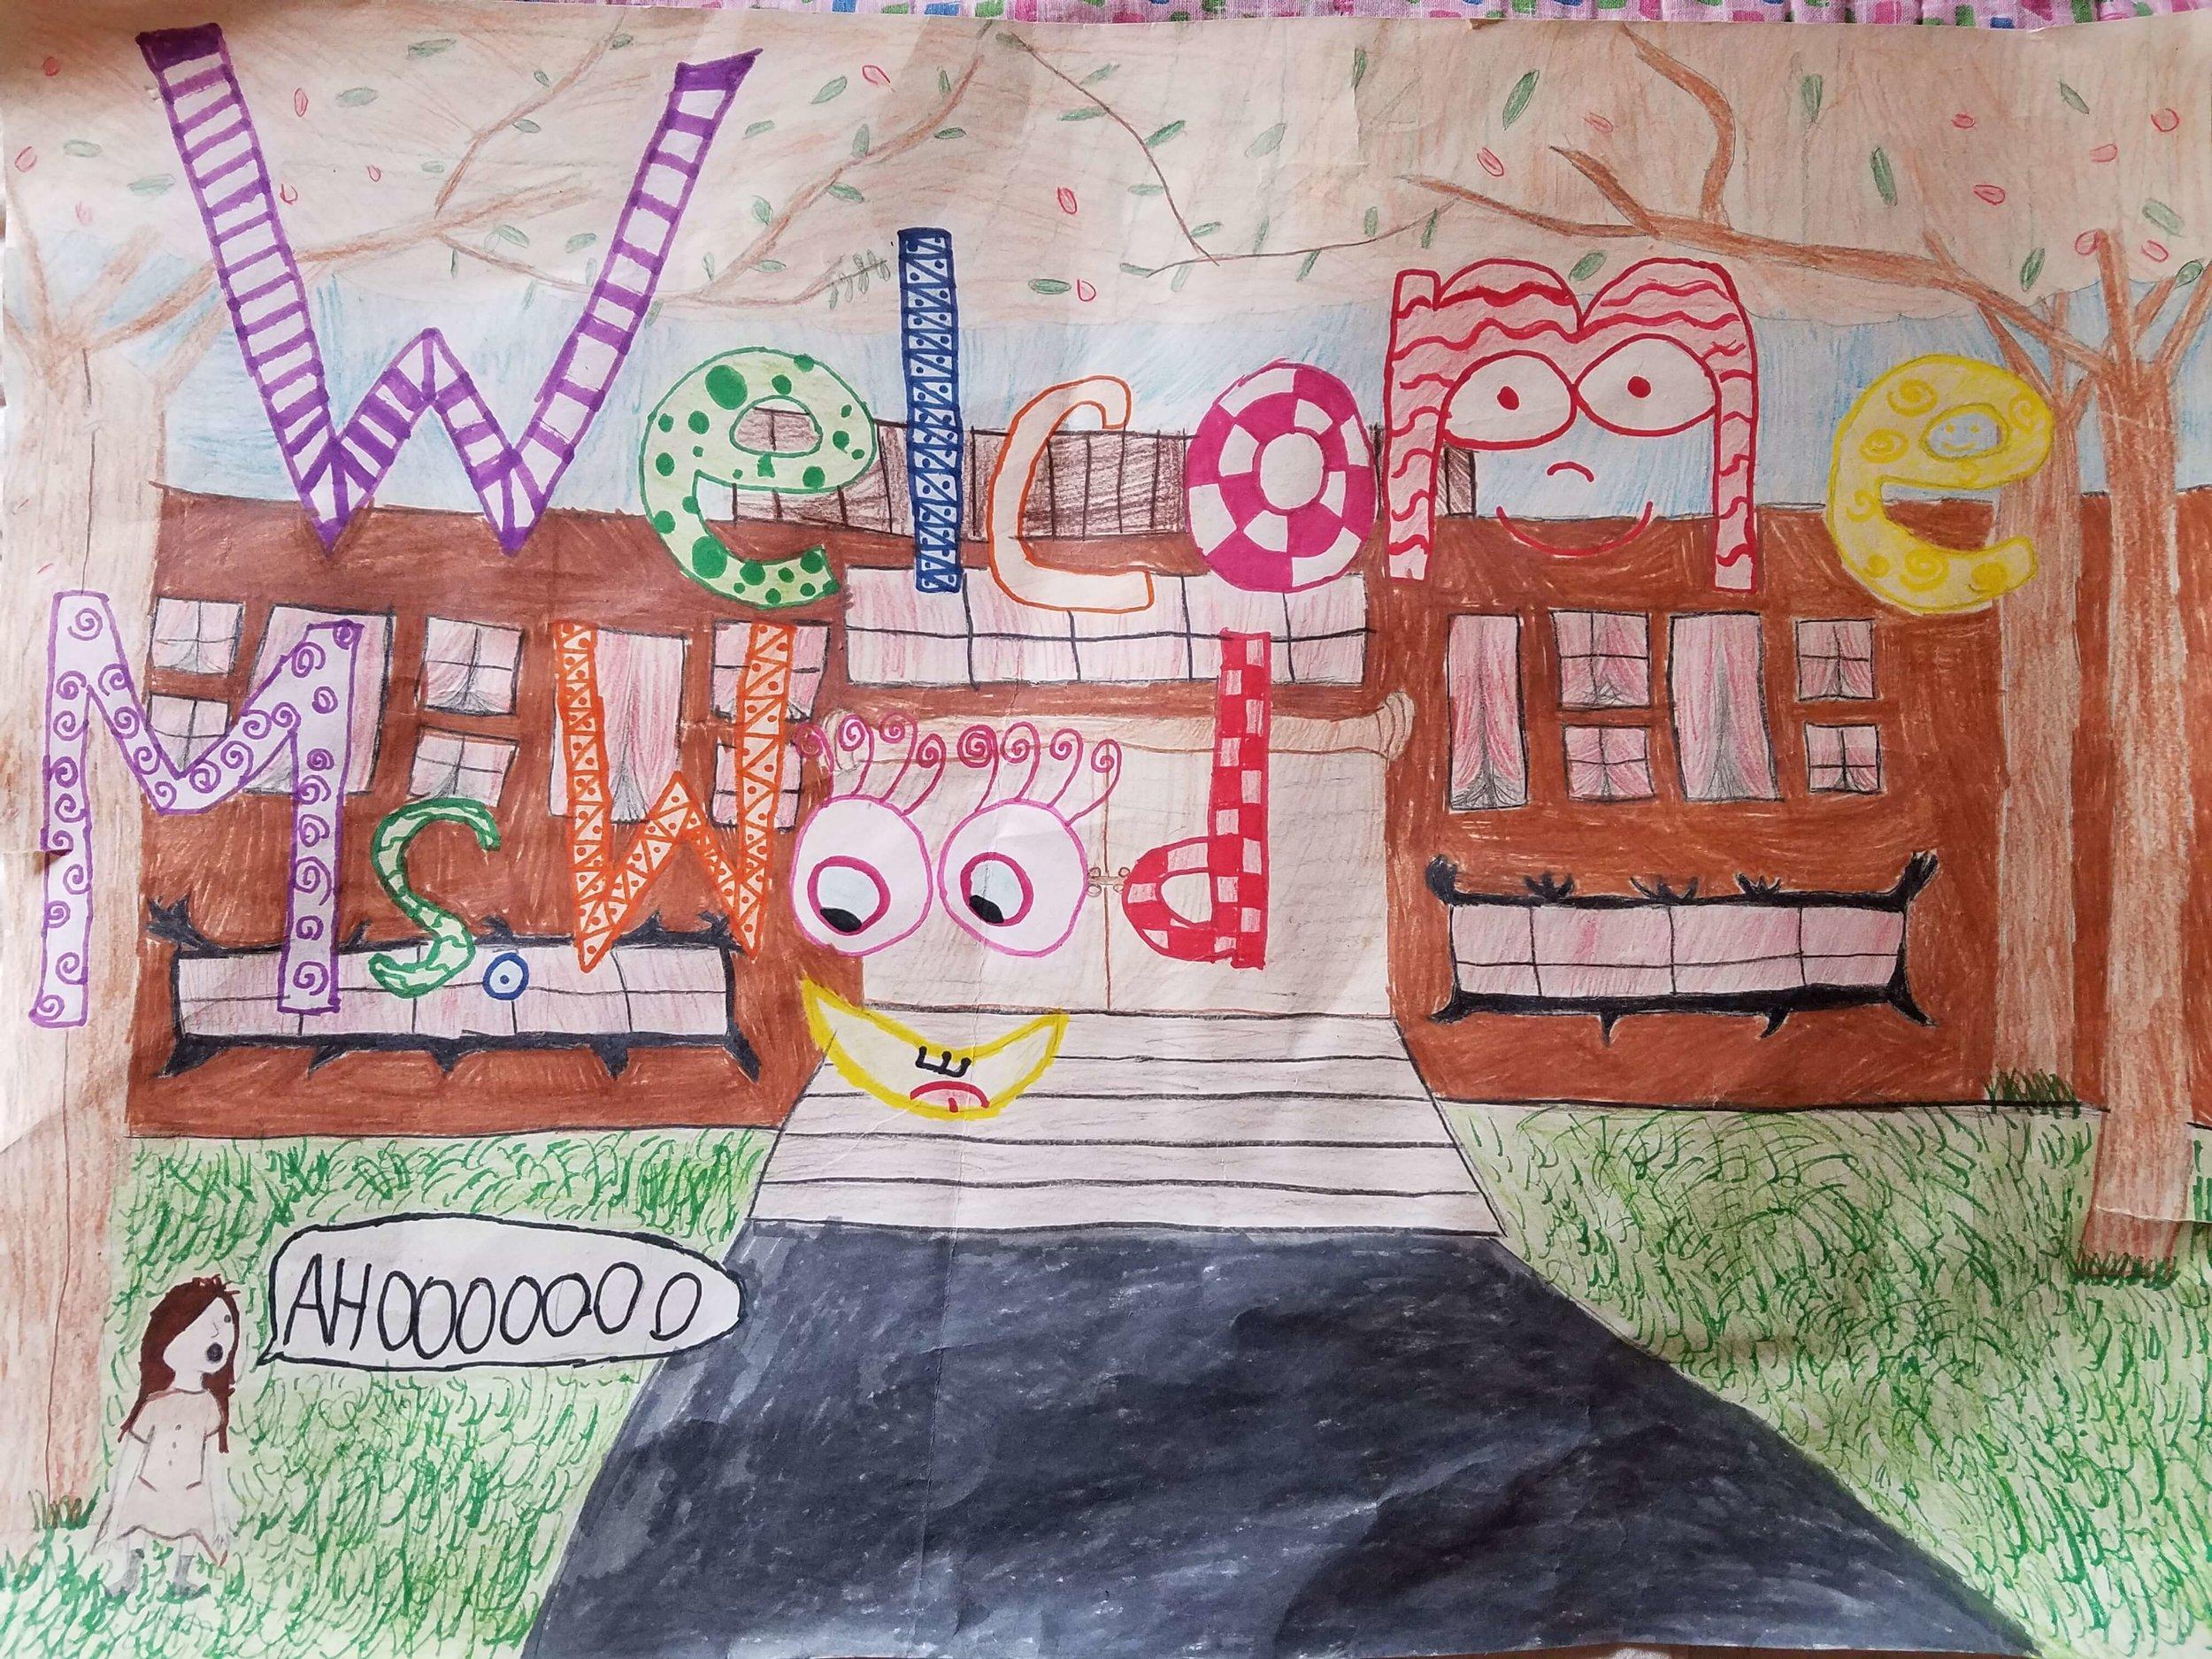 Kid's drawing, welcome ms wood.jpg